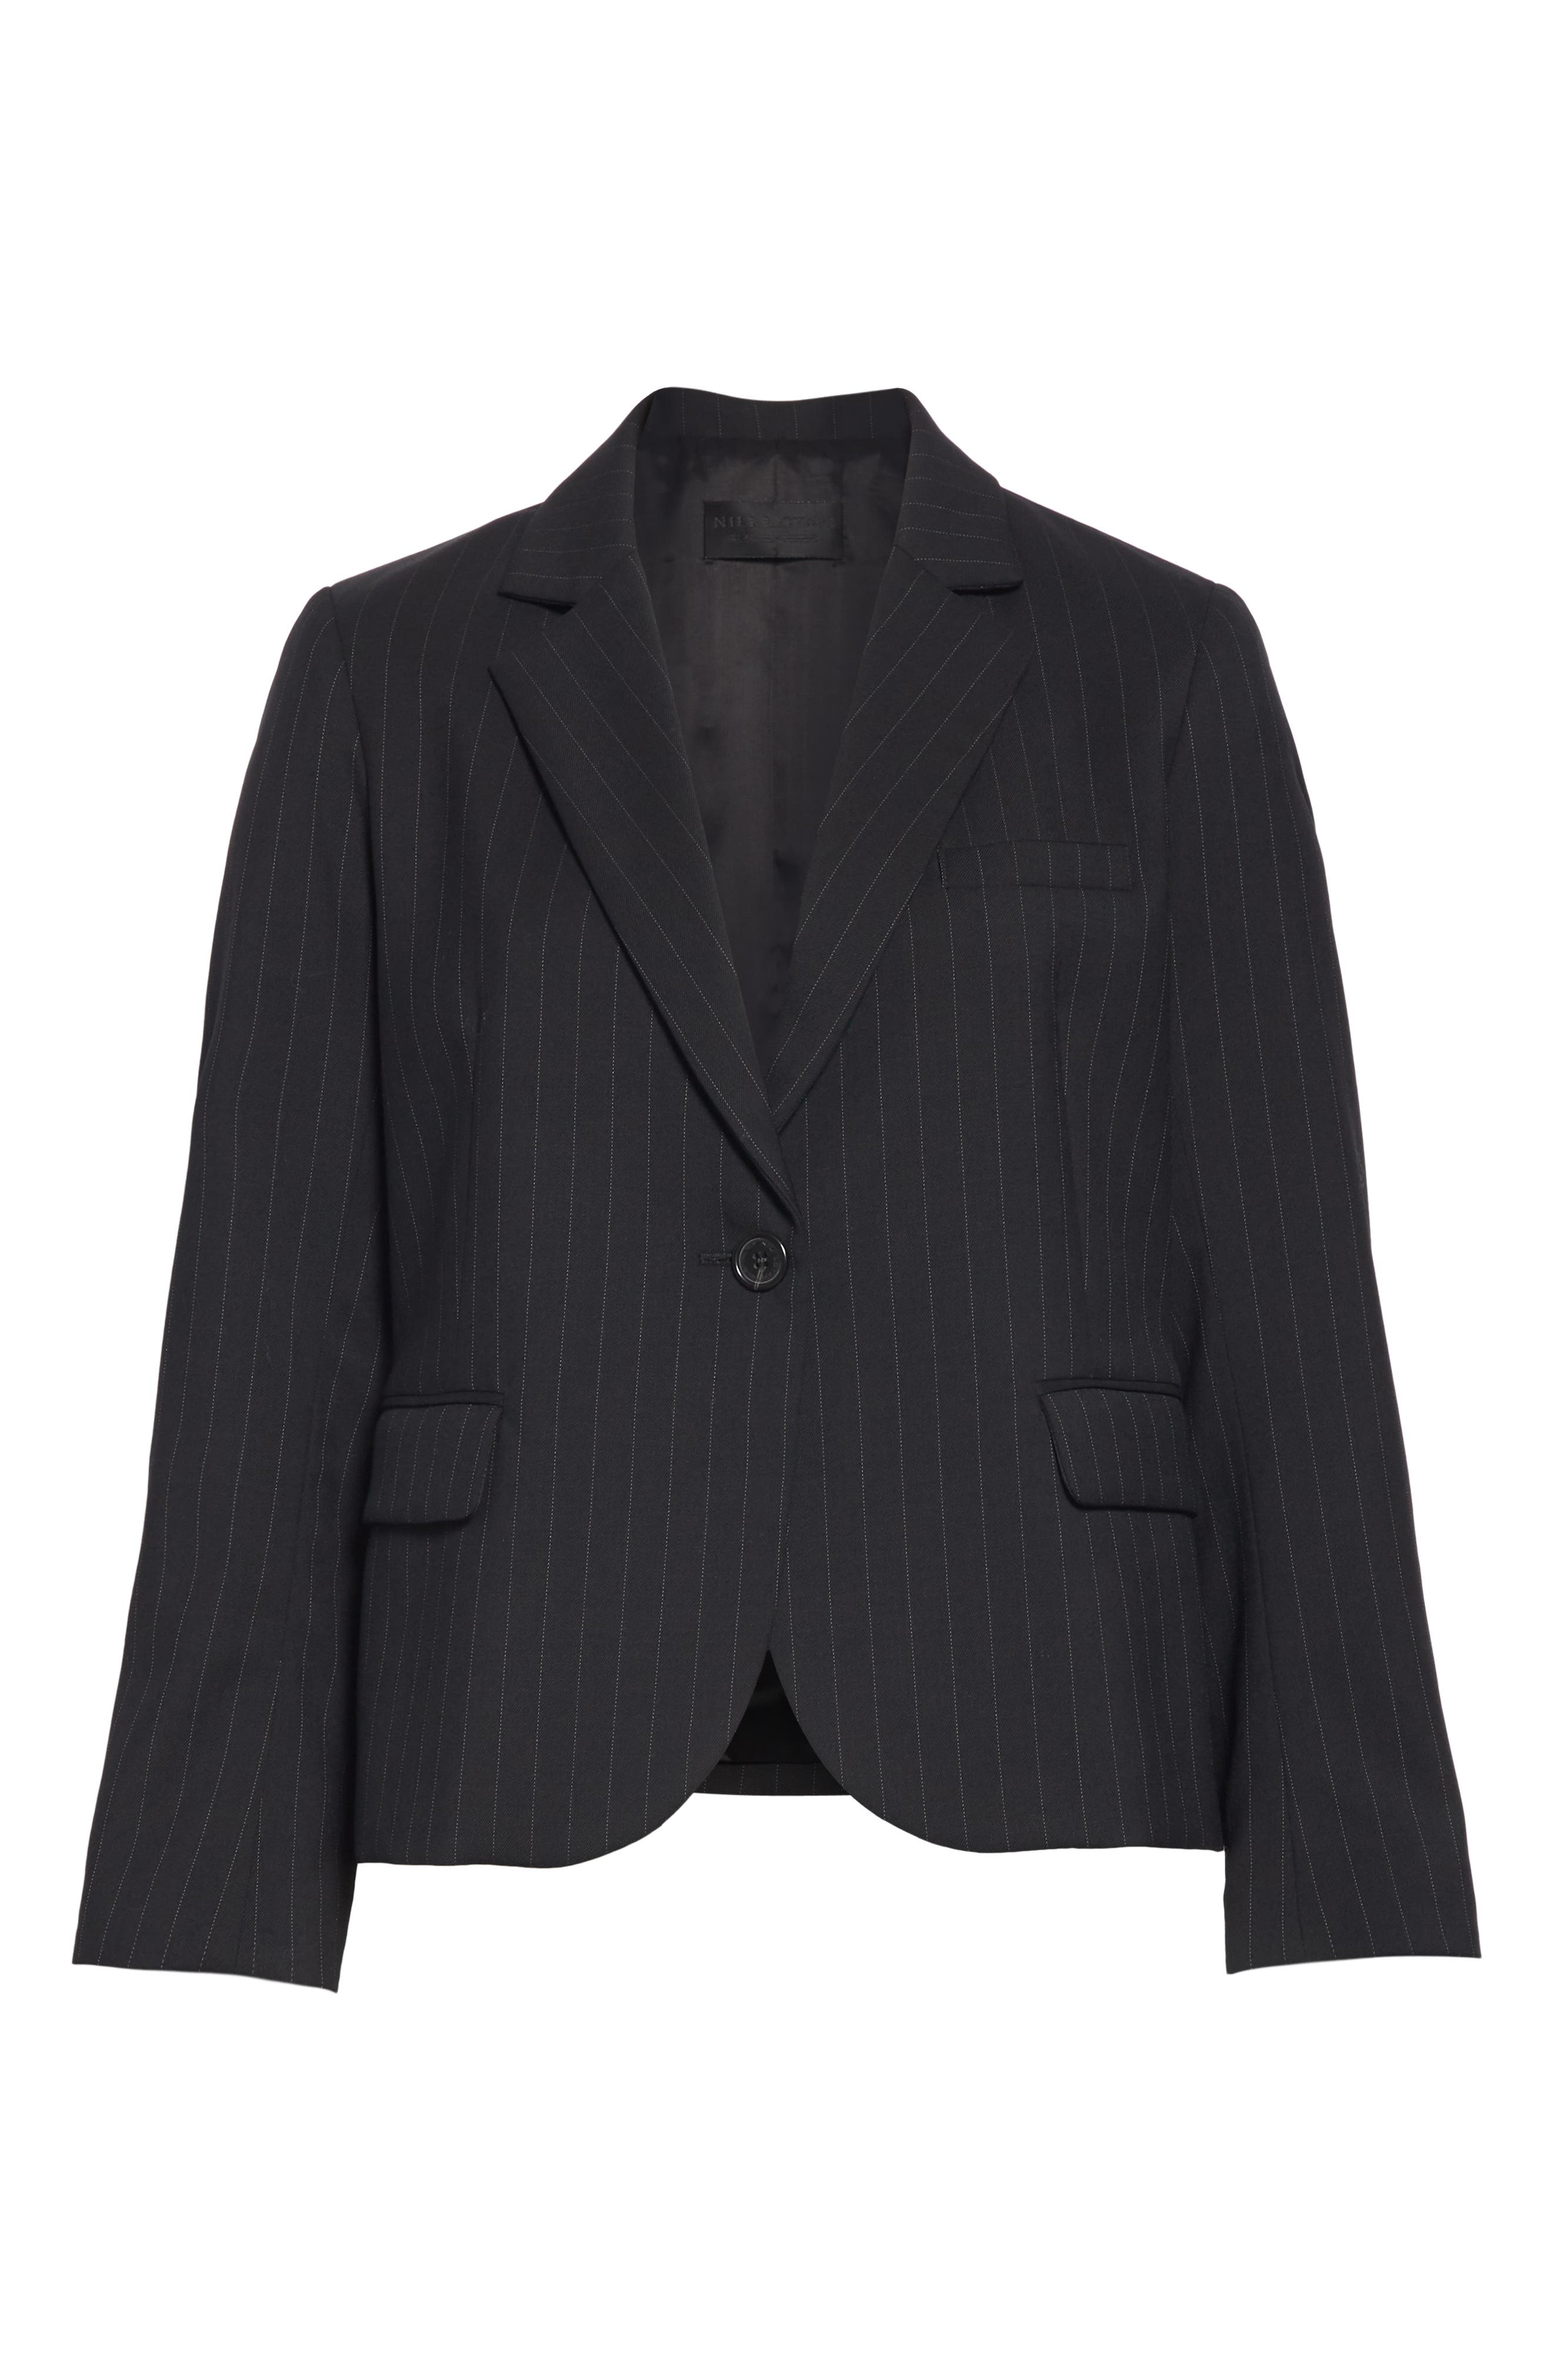 Nili Lotan Coats Julietta Pinstripe Jacket